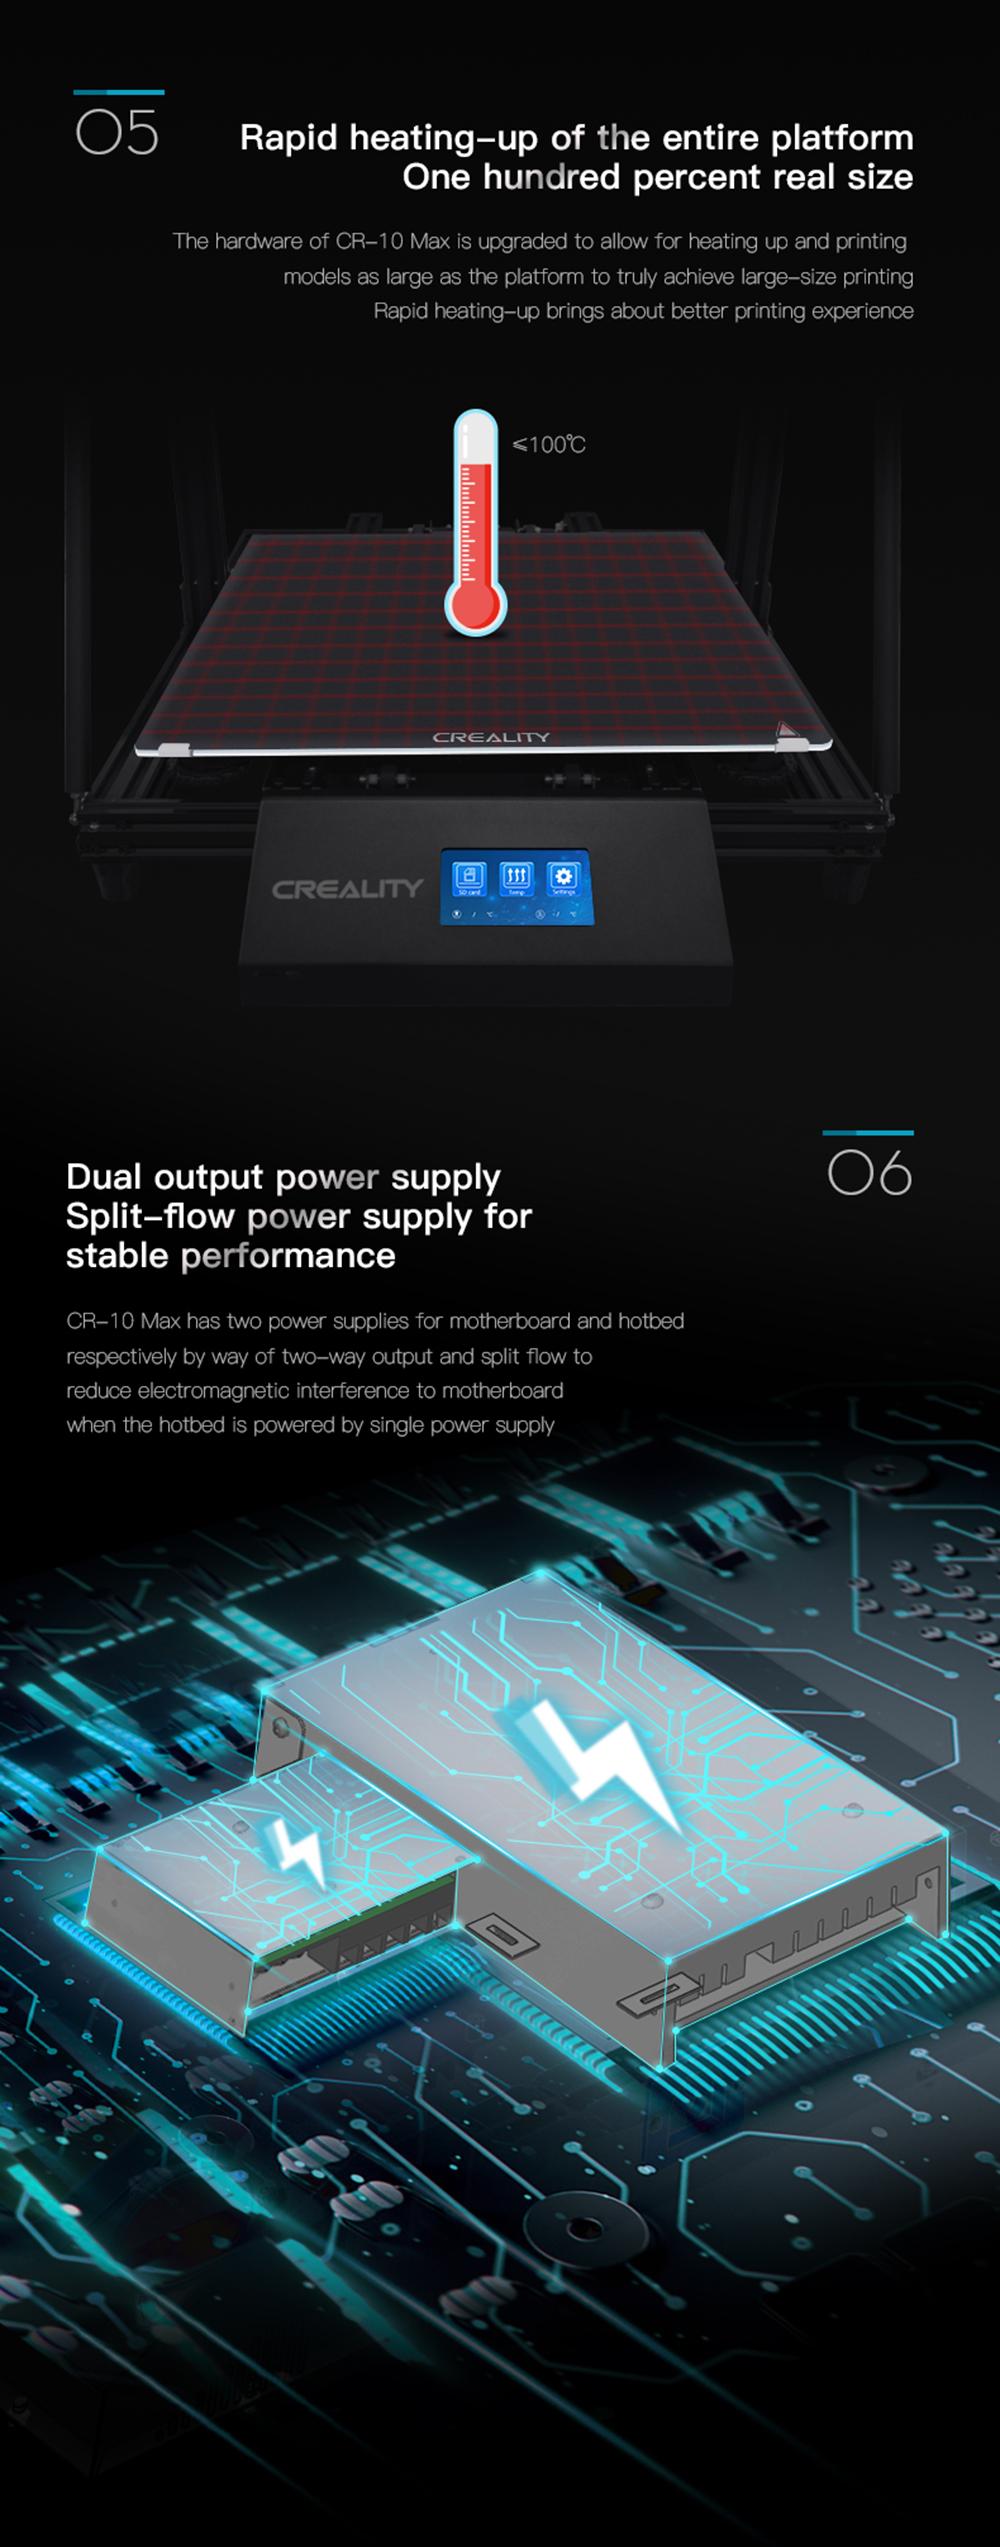 Creality3D CR-10 Max 3D-Drucker Bausatz - 450x450x470mm - Schnelles Aufheizen der Druckplattform - Getrennte Netzteile